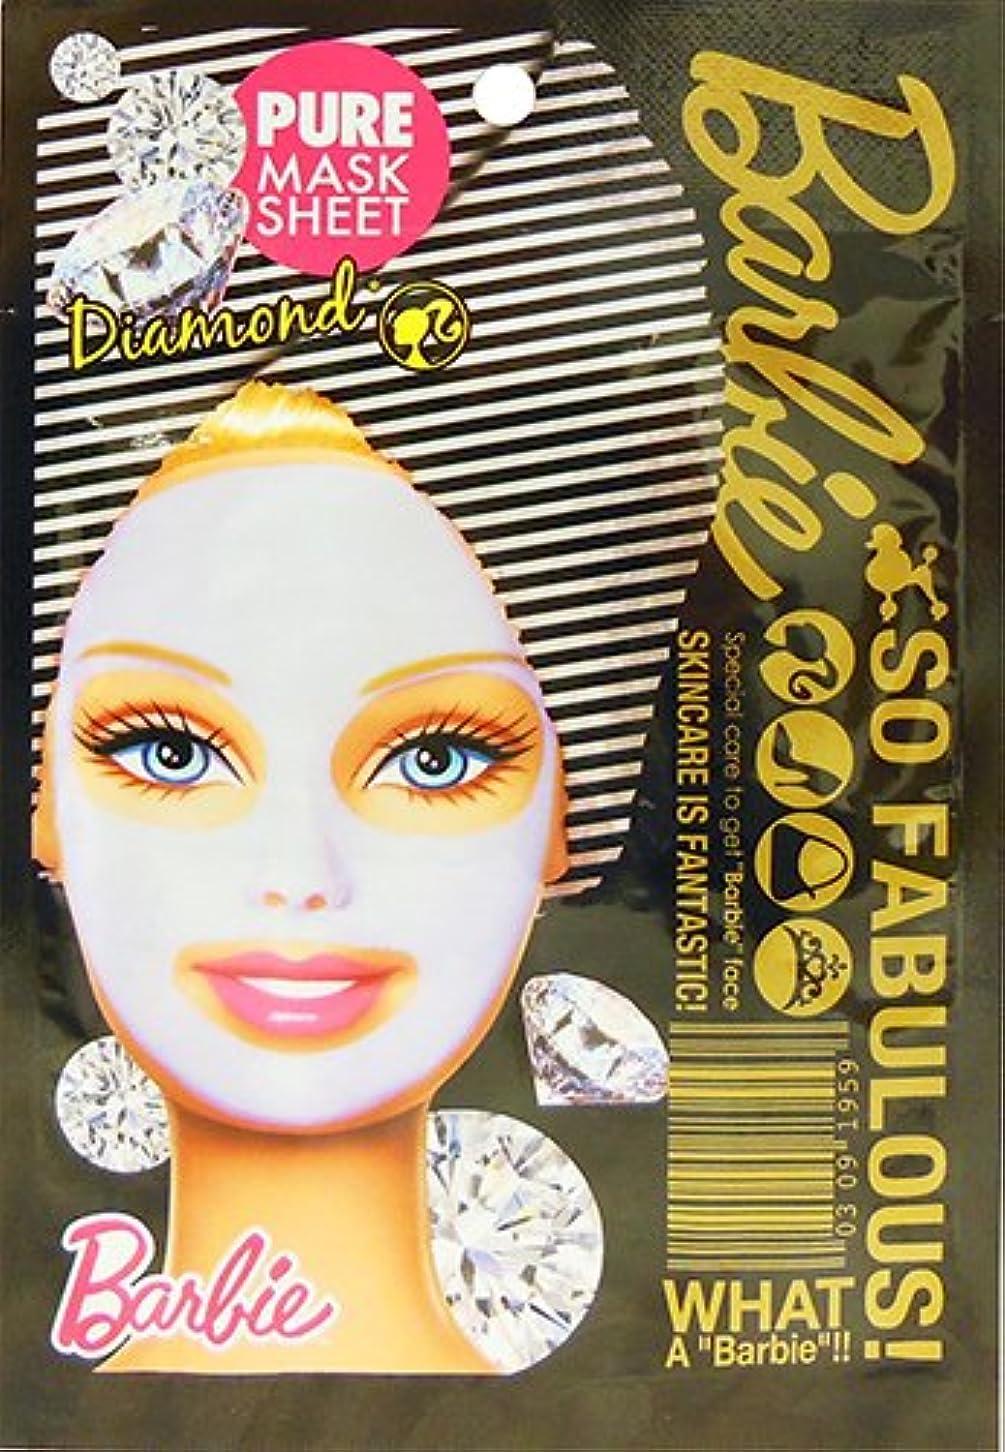 悪い危険なうそつきバービー ピュアマスクシートEX DM(ダイヤモンド)《25ml》